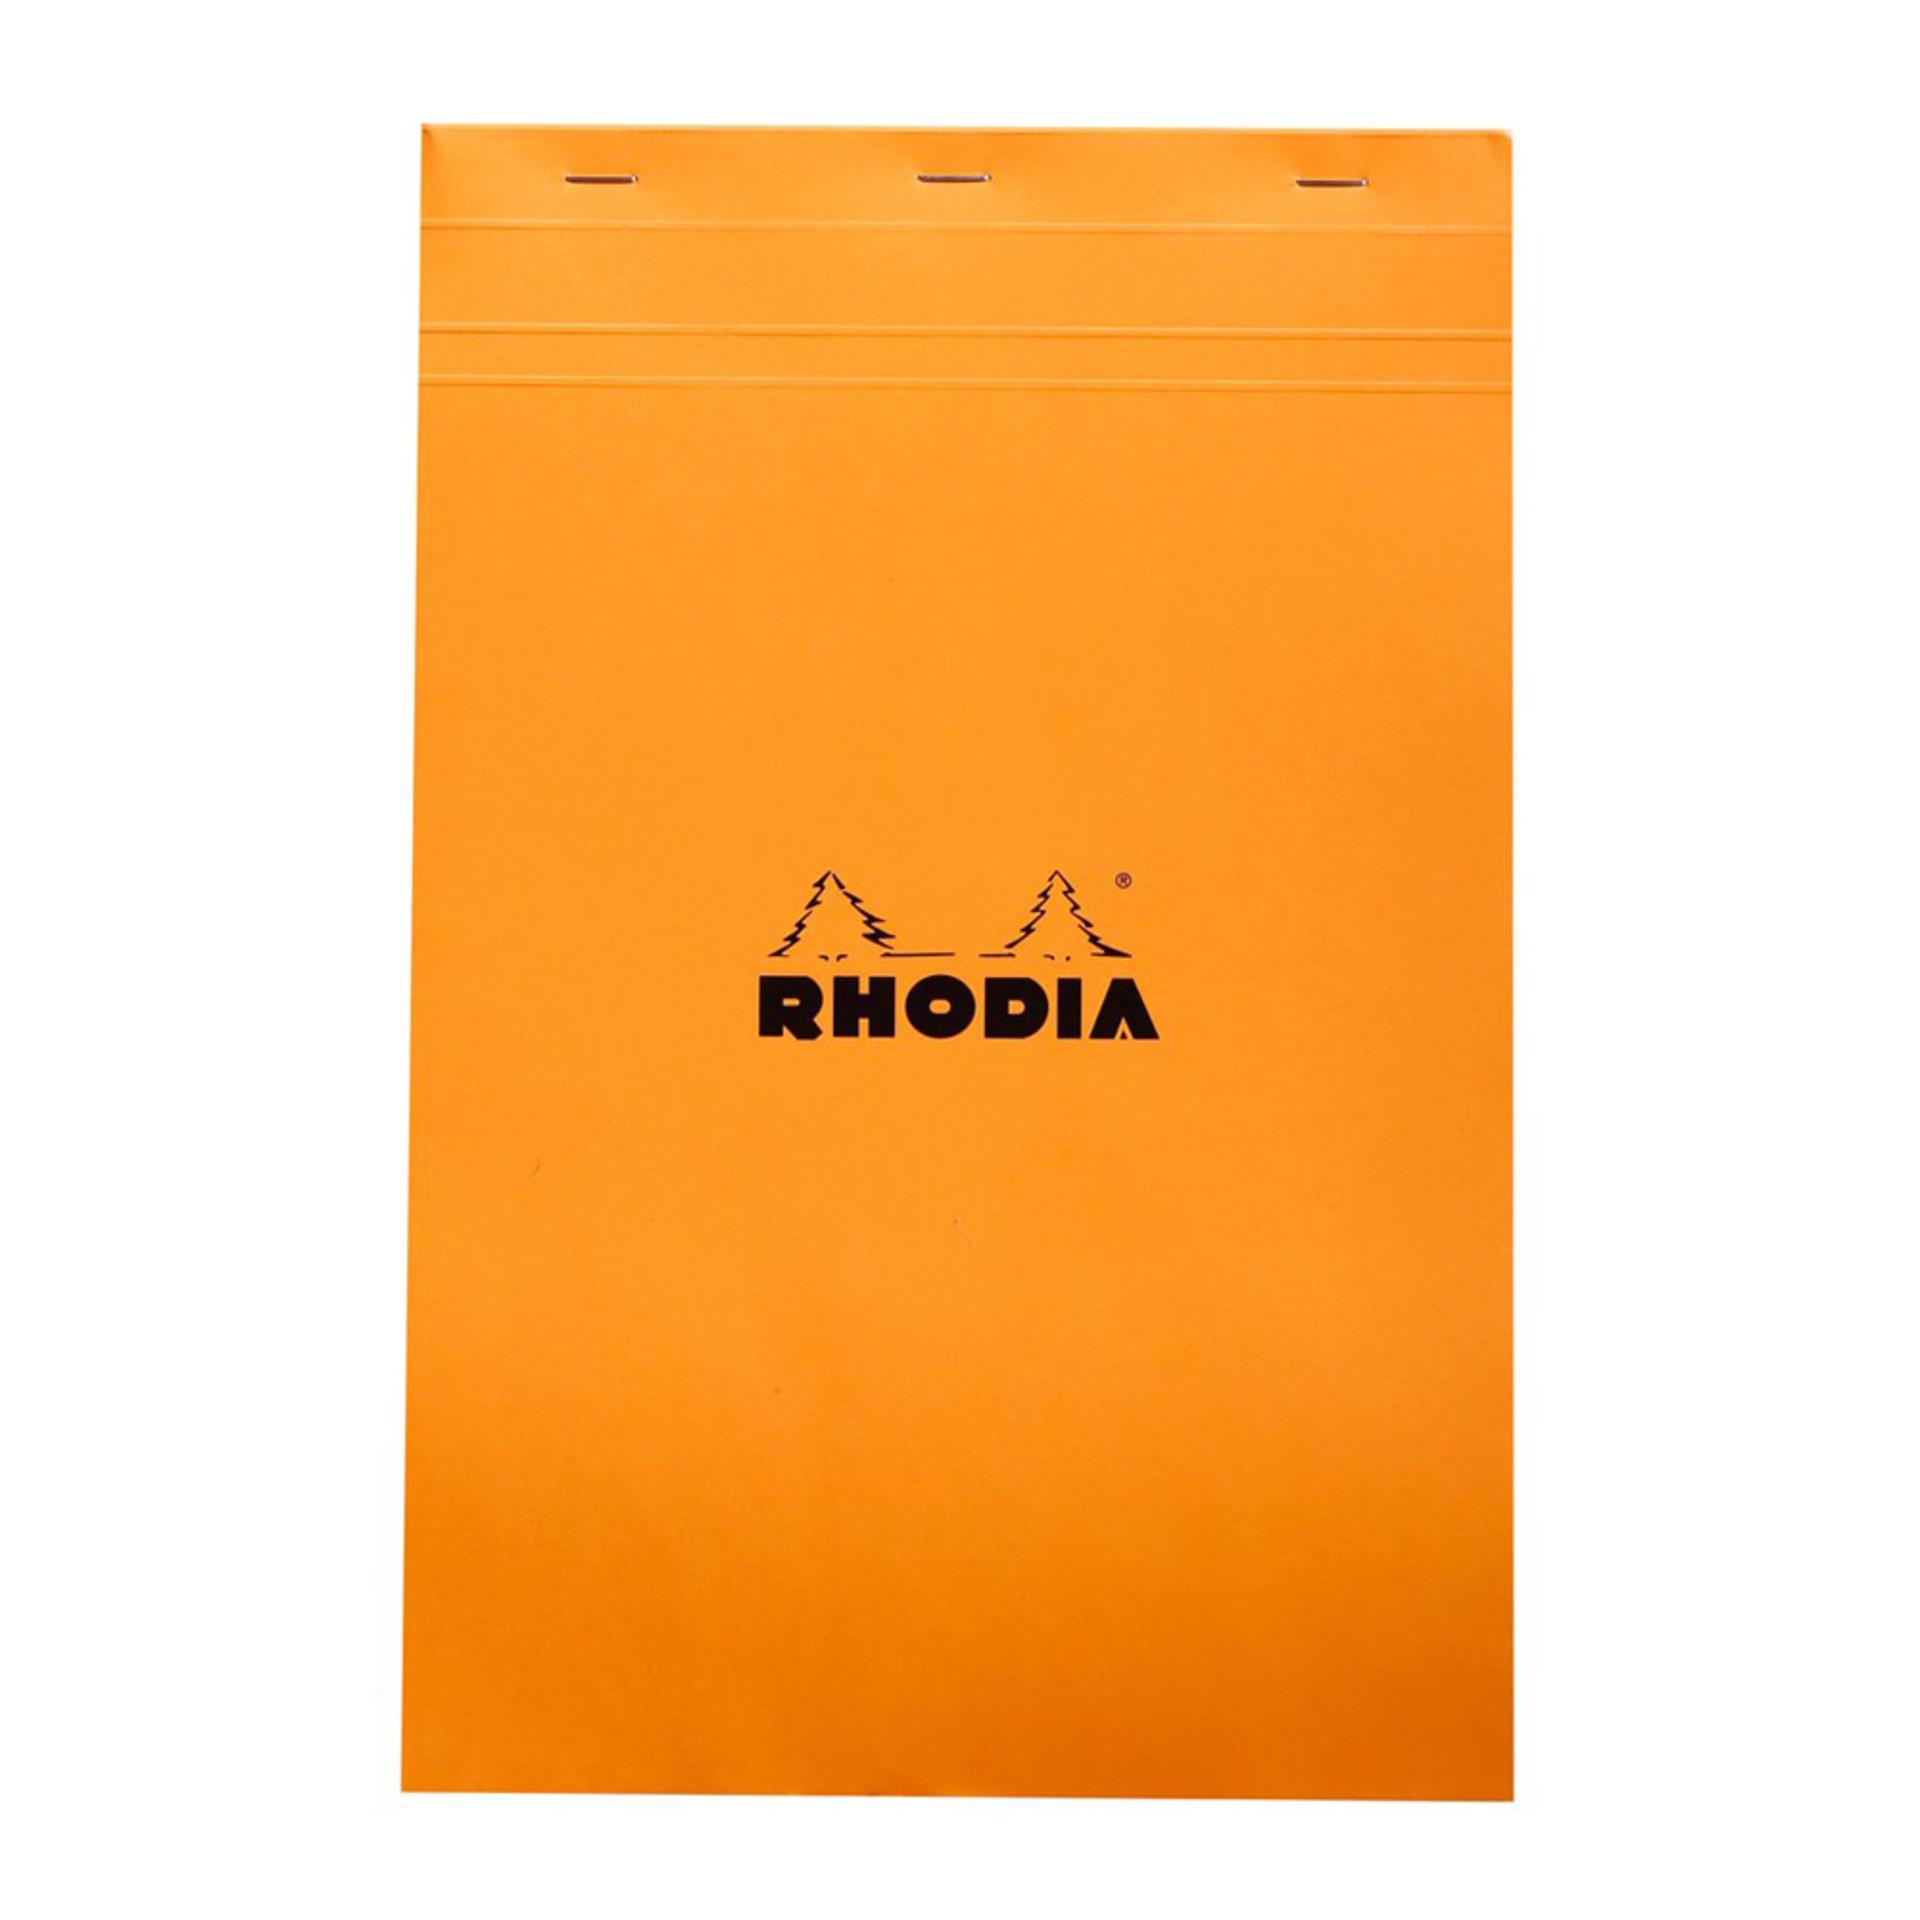 """Rhodia Notepad Quad Graph Stapled Orange 81/4""""x121/2"""""""